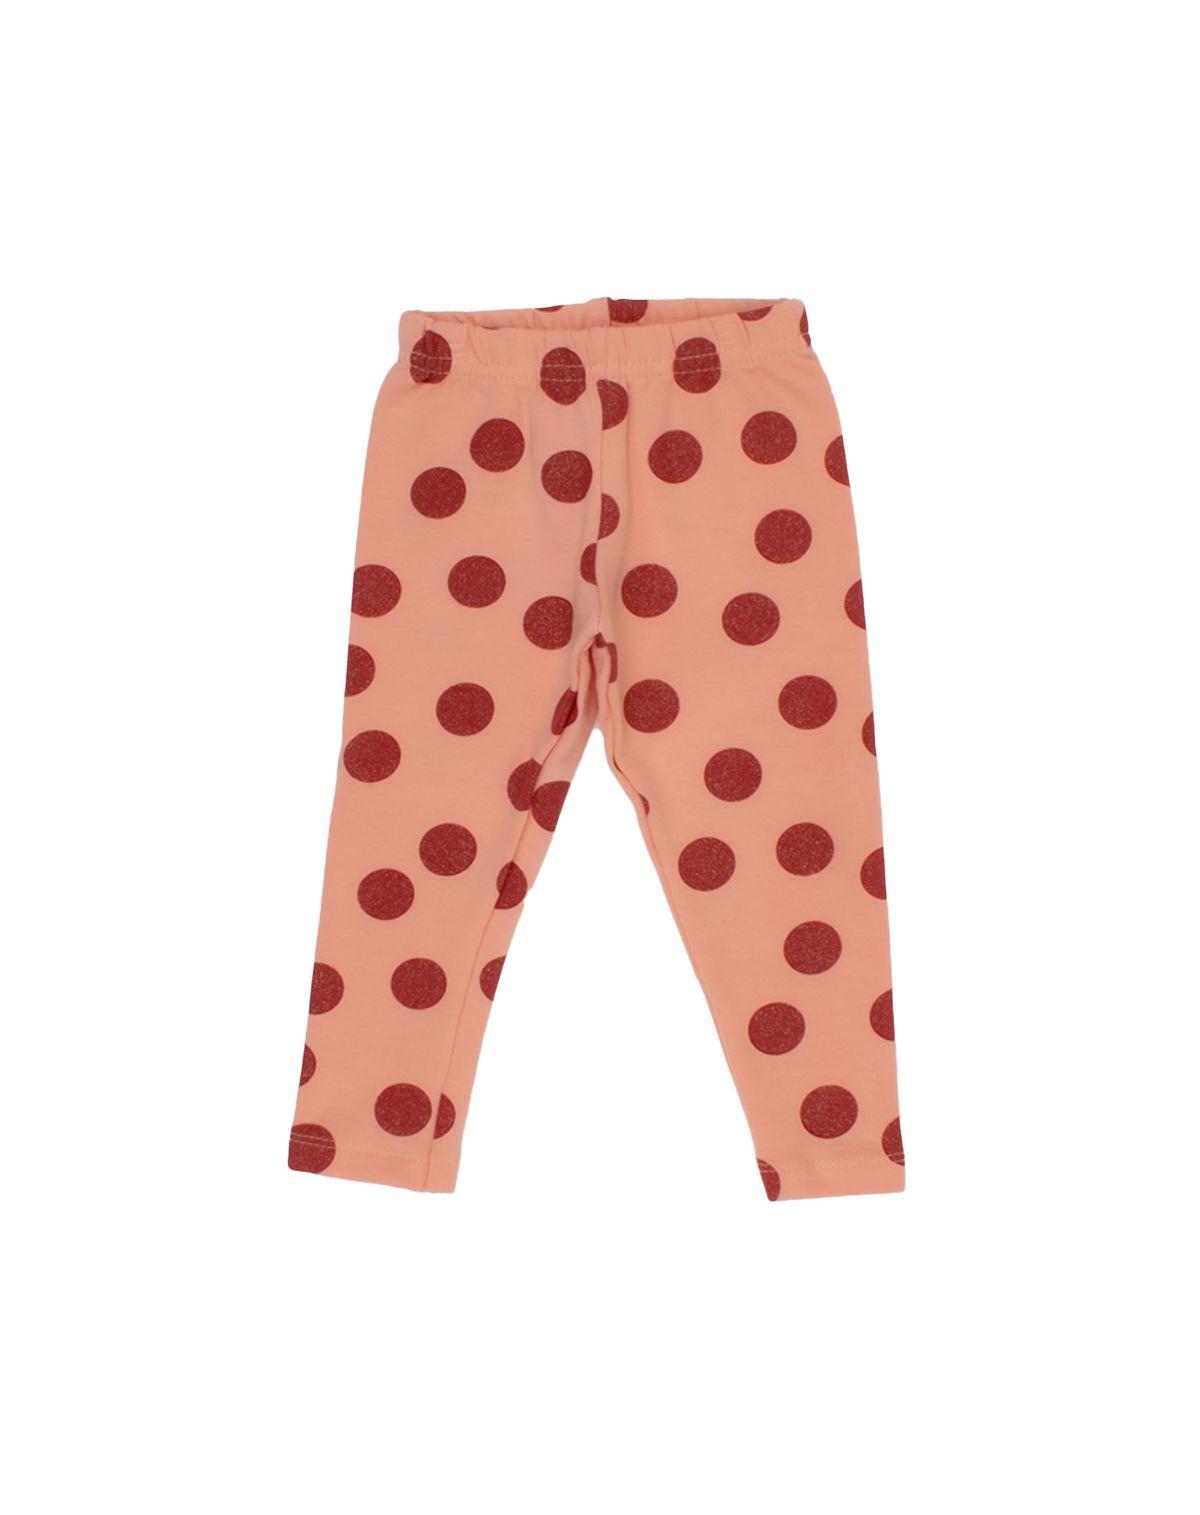 578825001-calca-legging-bebe-estampada-coral-1-dd6